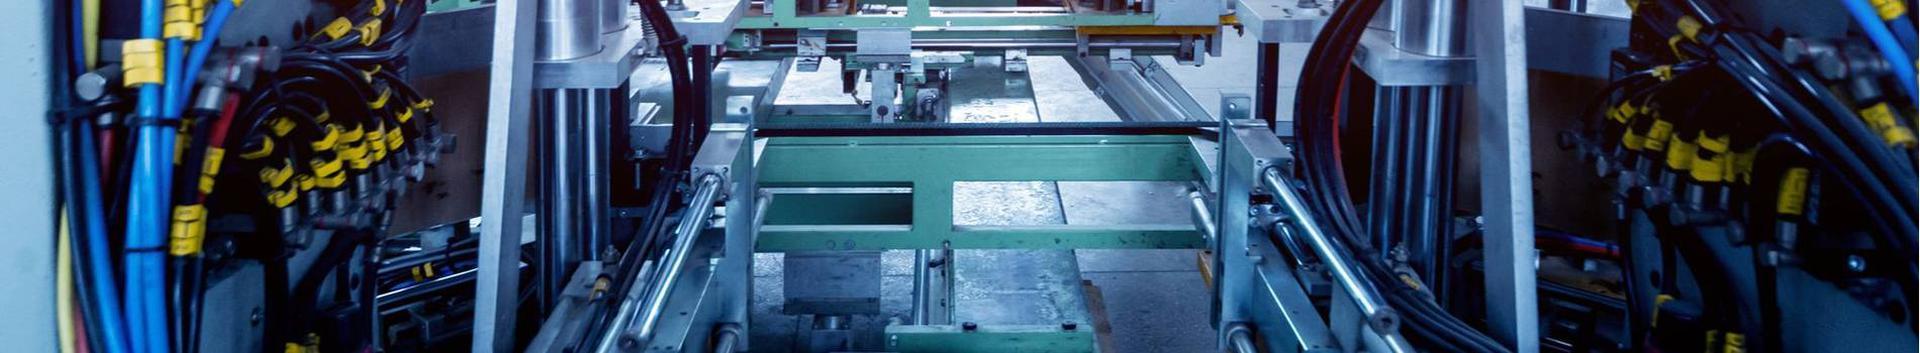 25119_metallkonstruktsioonide-tootmine_54489751_xl.jpg